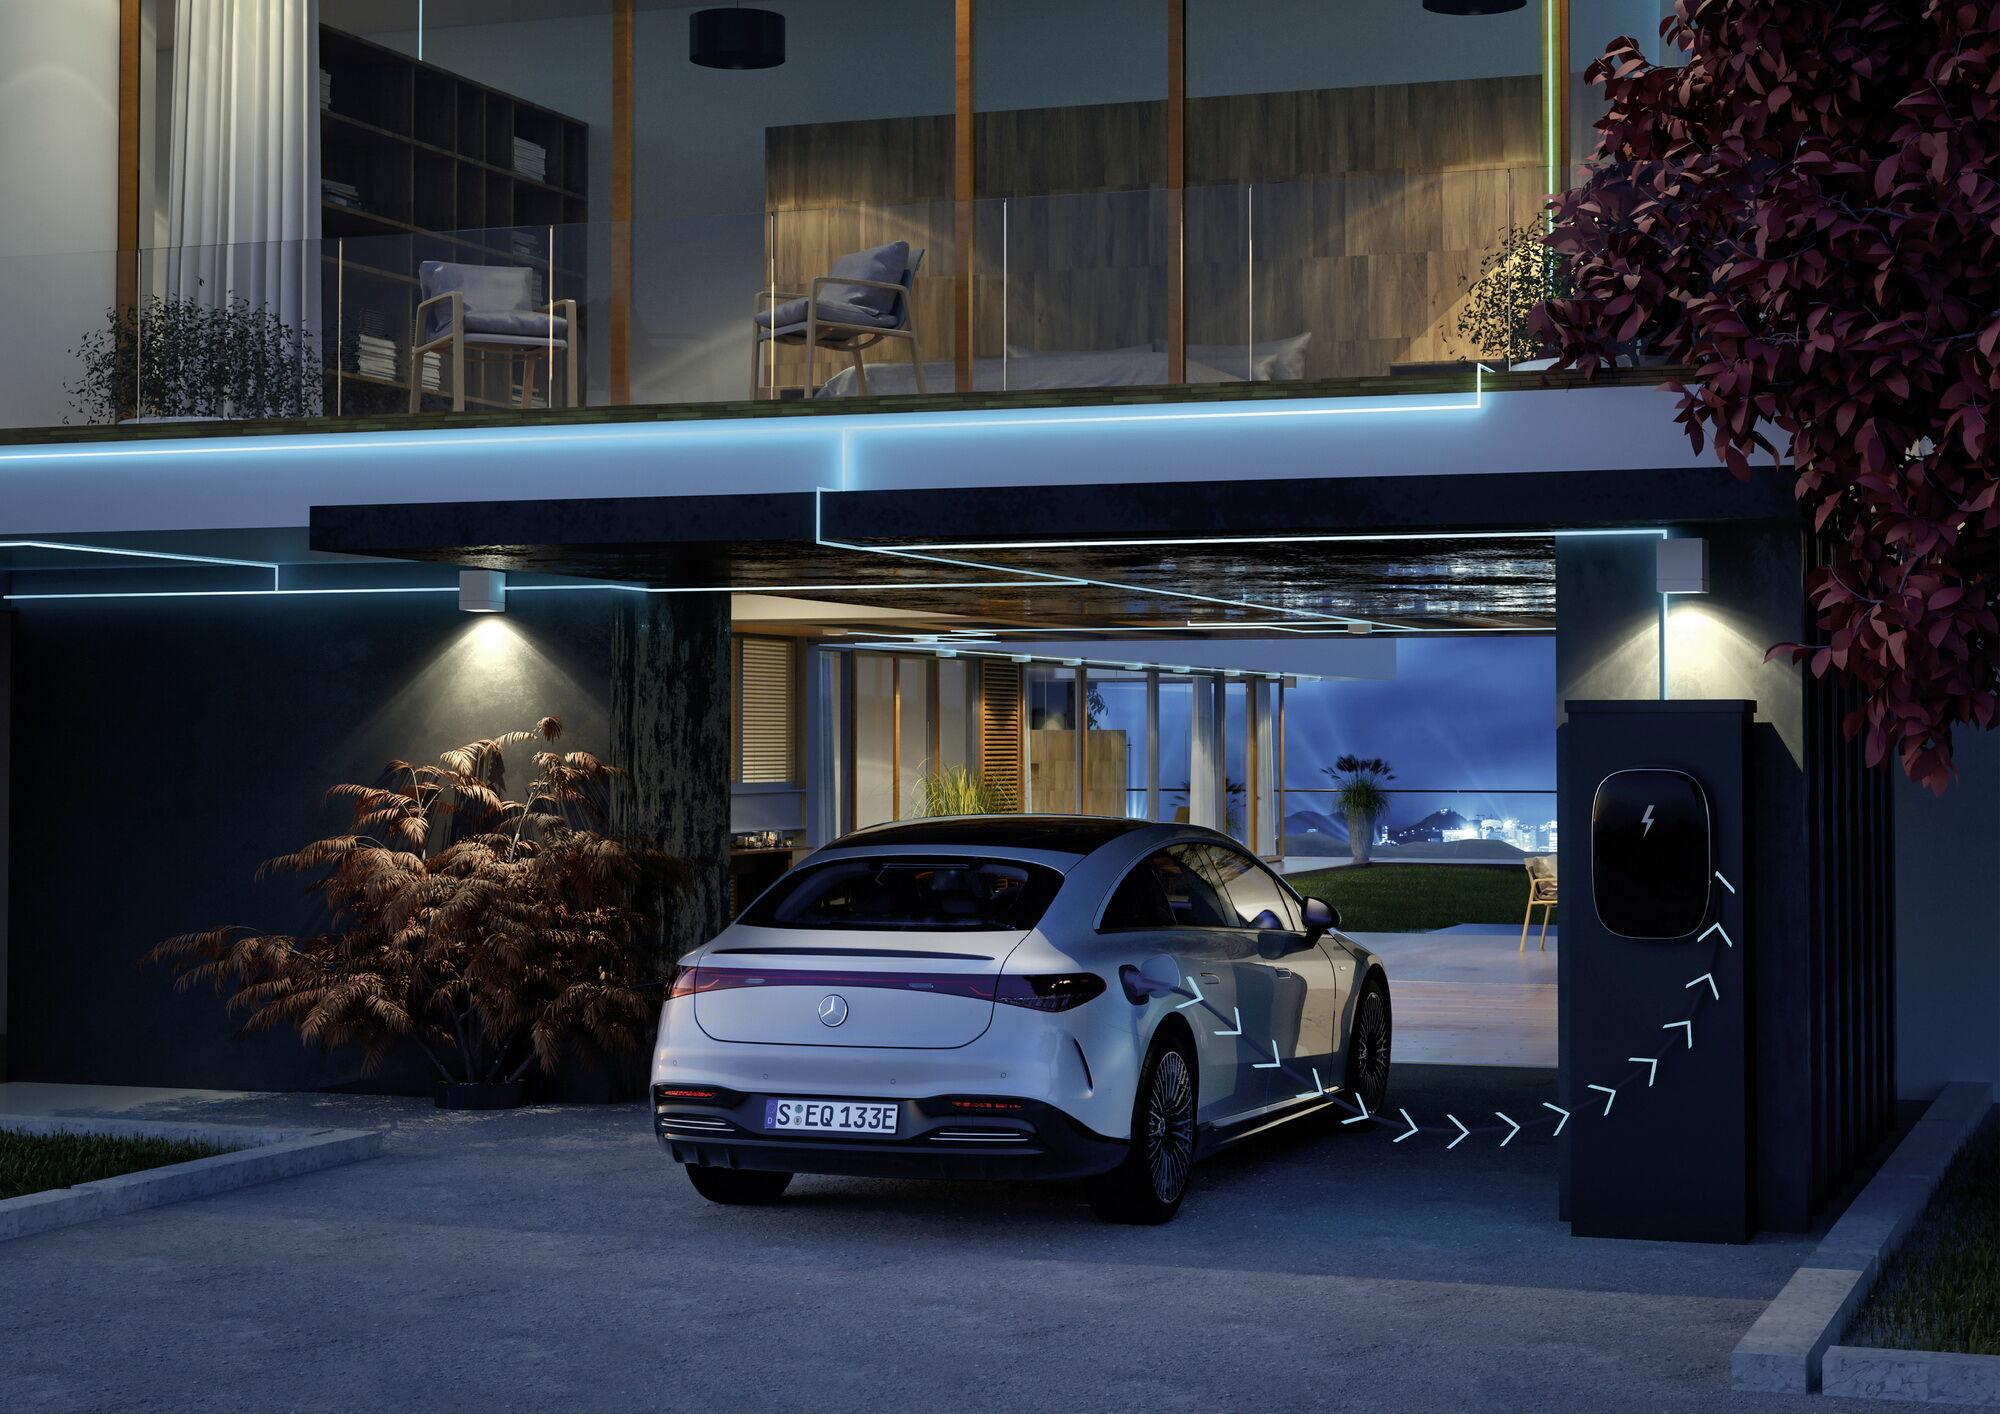 EQS першим серед електромобілів марки отримав акумуляторну батарею нового покоління з більш високою енергетичною щільністю